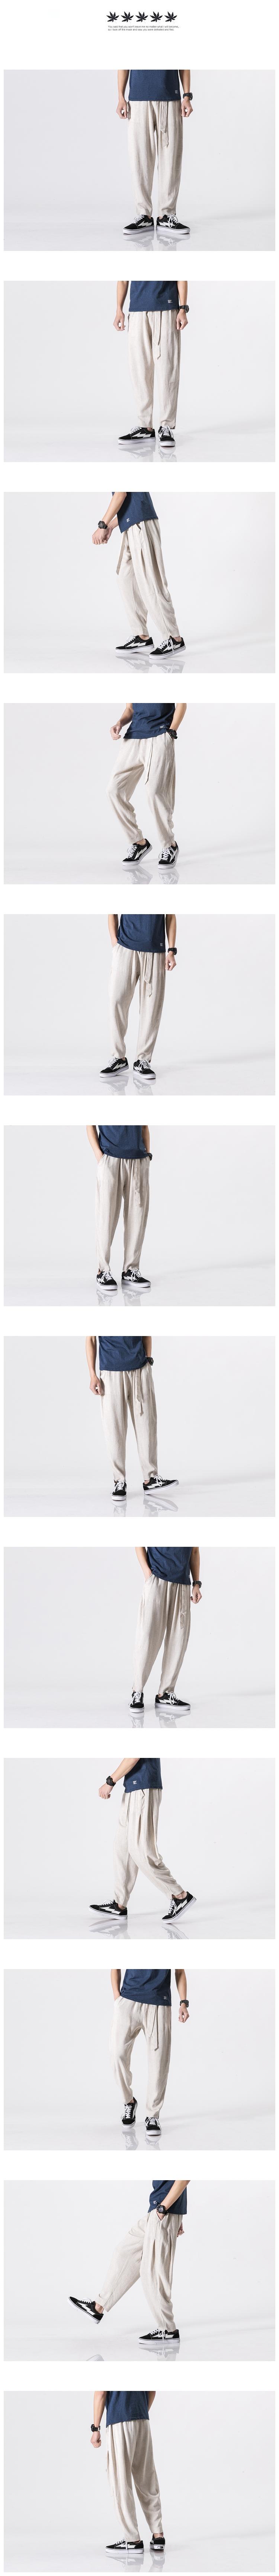 大码中国风亚麻灯笼裤 棉麻裤哈伦萝卜裤 K25 P55 已质检常年有货